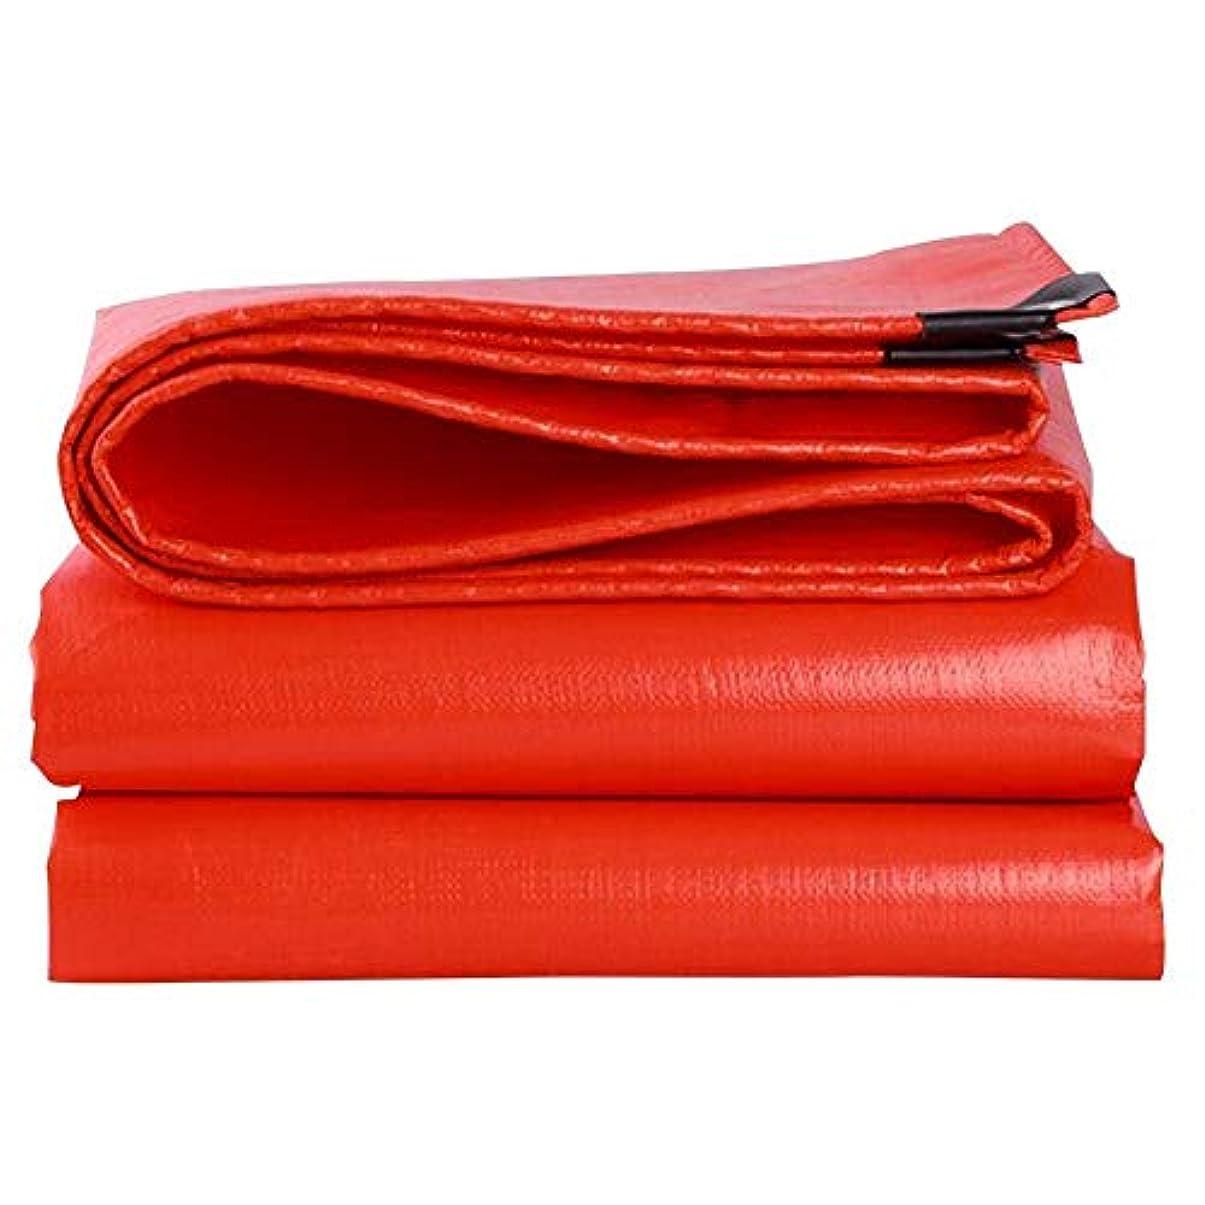 特別なバクテリアフルート12J-weihuiwangluo ターニング防水ターポリンターポリン日焼け止めターポリン超軽量三輪車トラックターポリンターポリンオーニング (Color : 赤, サイズ : 3 x 3m)